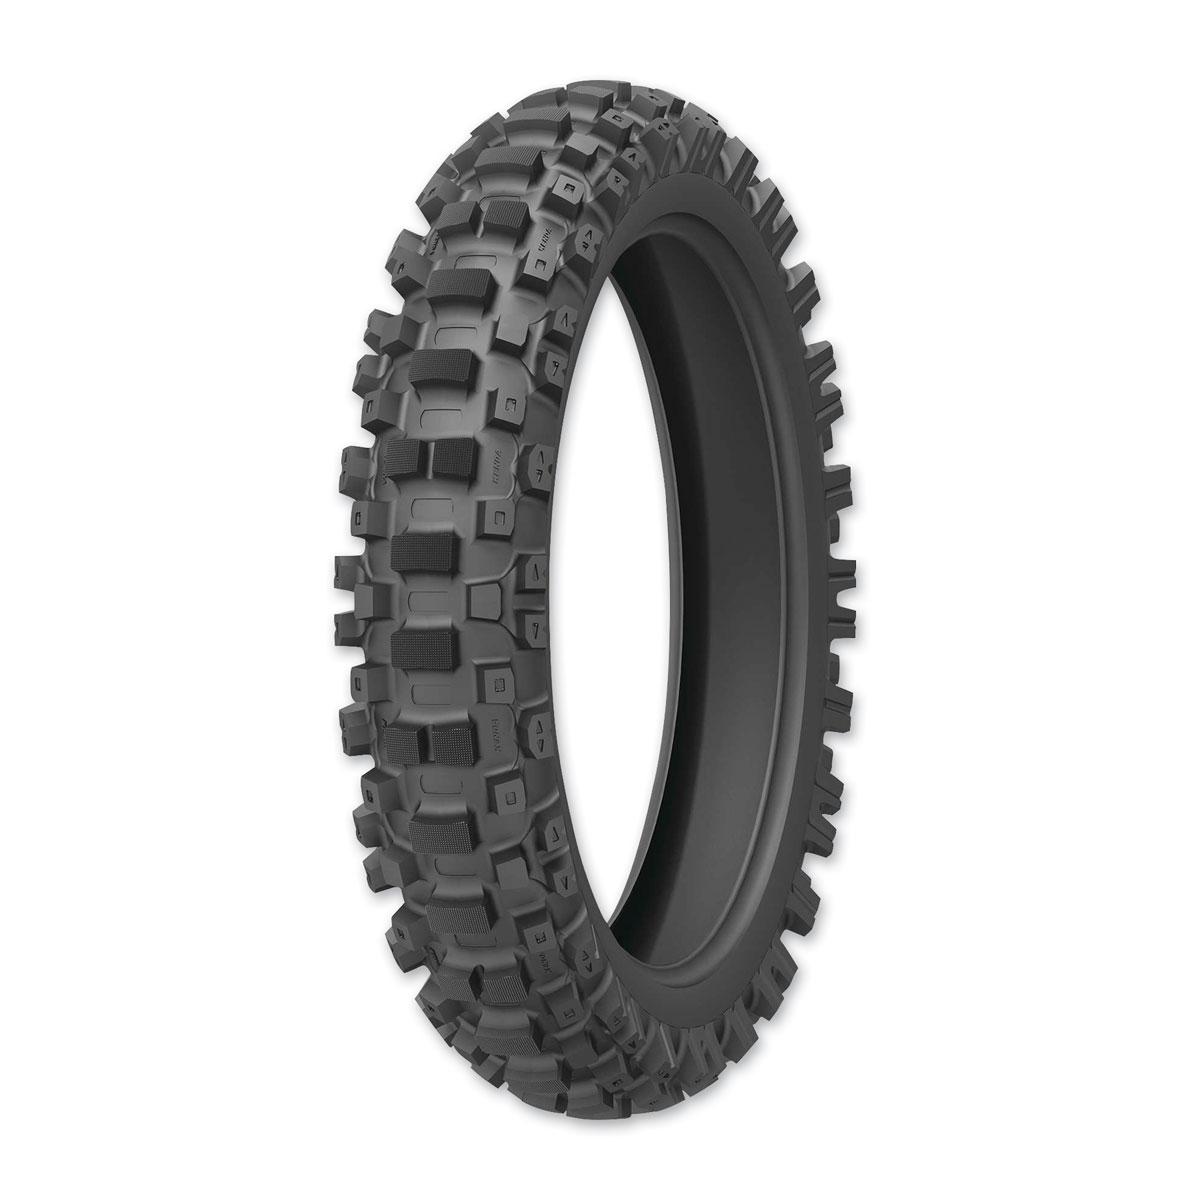 Kenda Tires Washougal II 110/80-19 Rear Tire